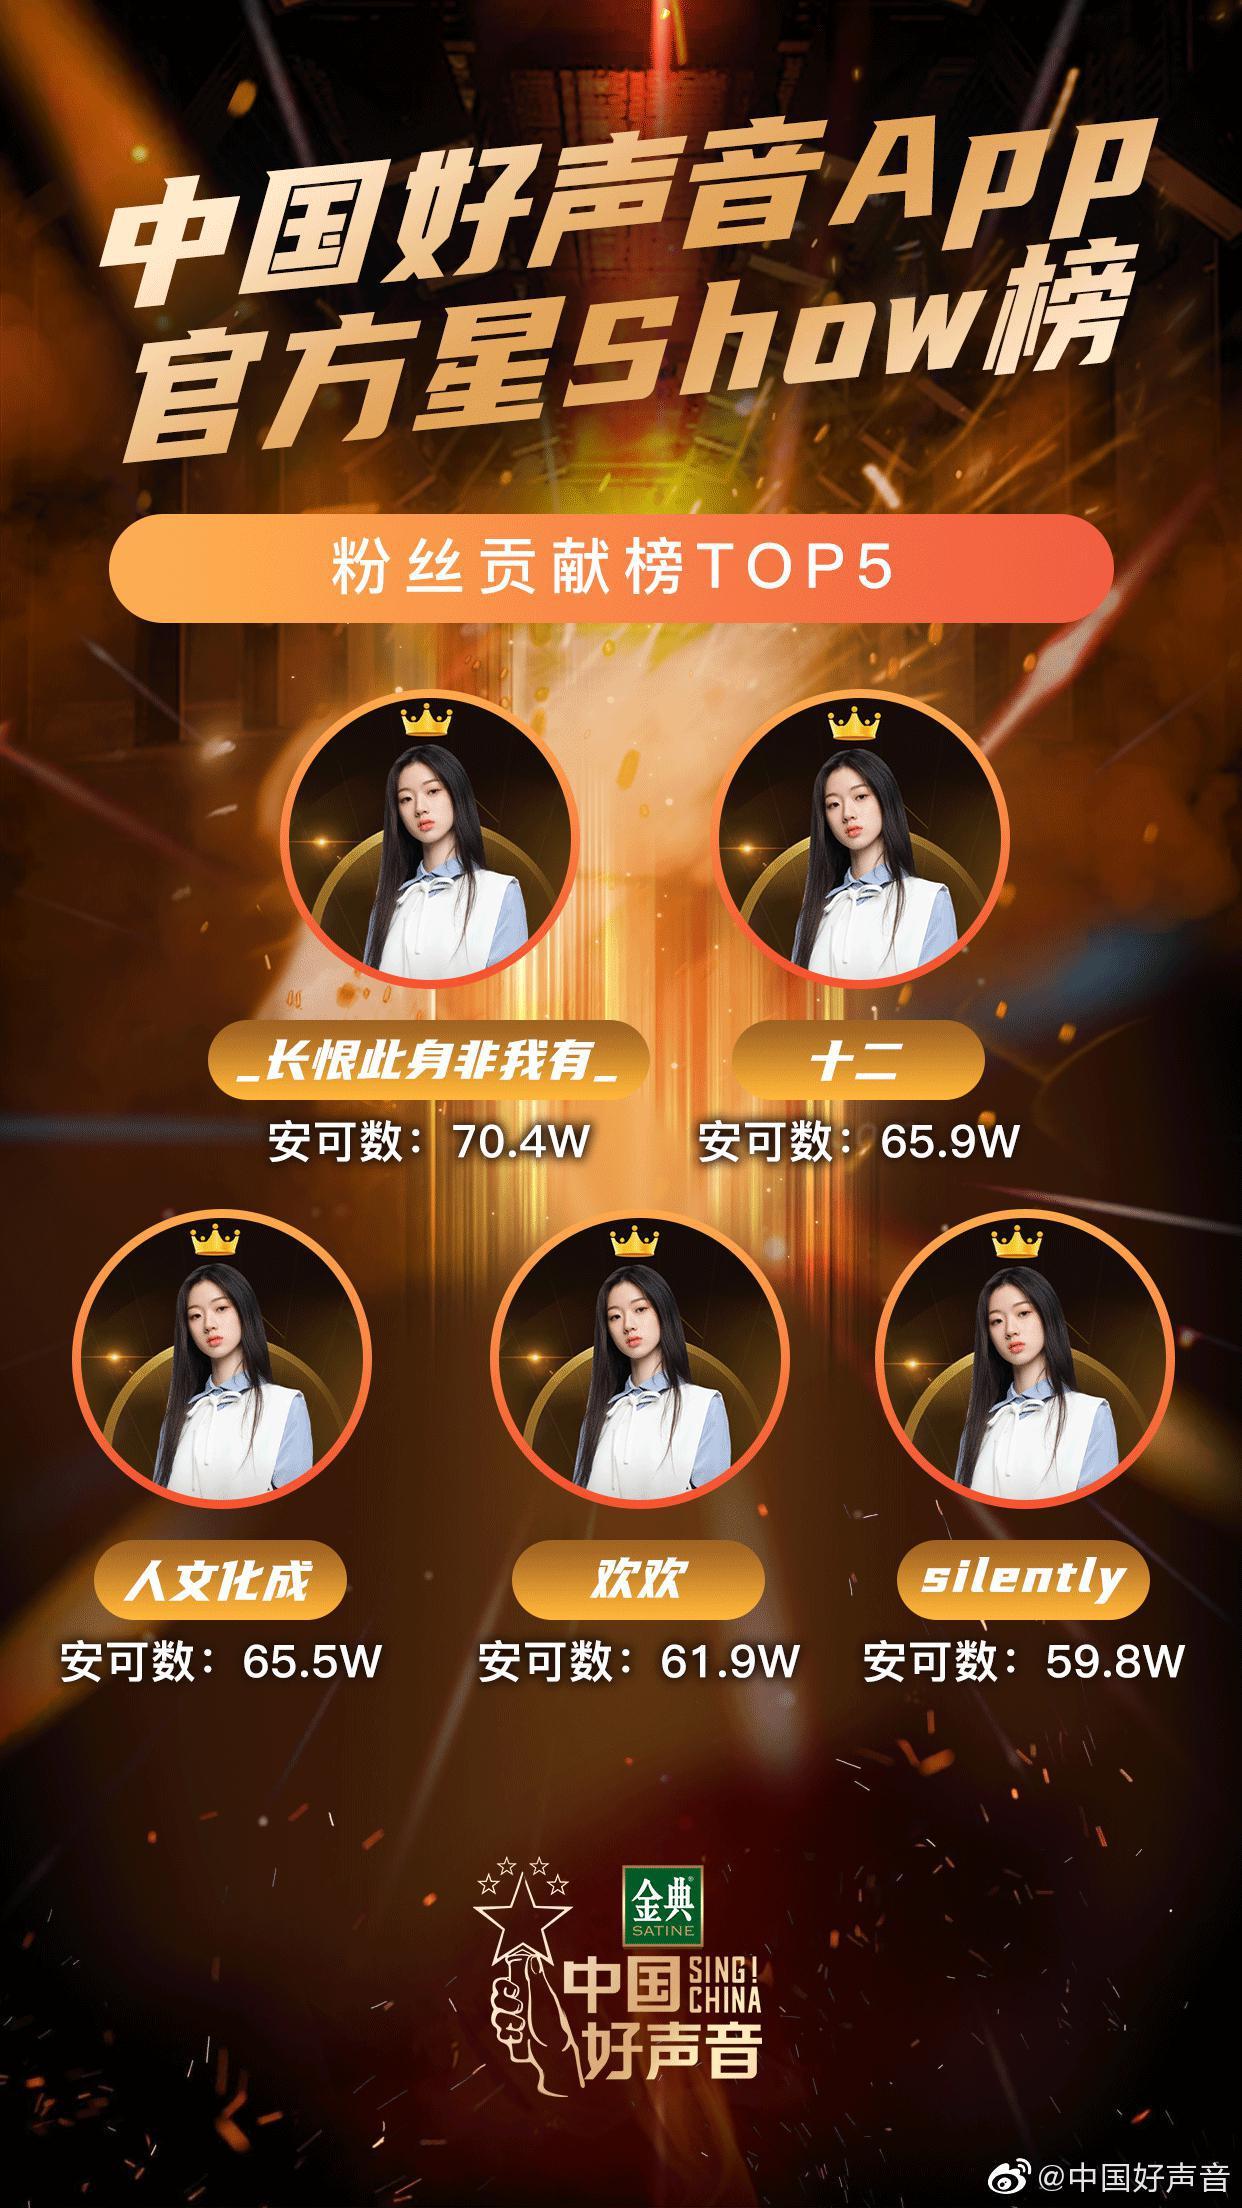 中国好声音App官方星show榜粉丝总榜Top5放送~